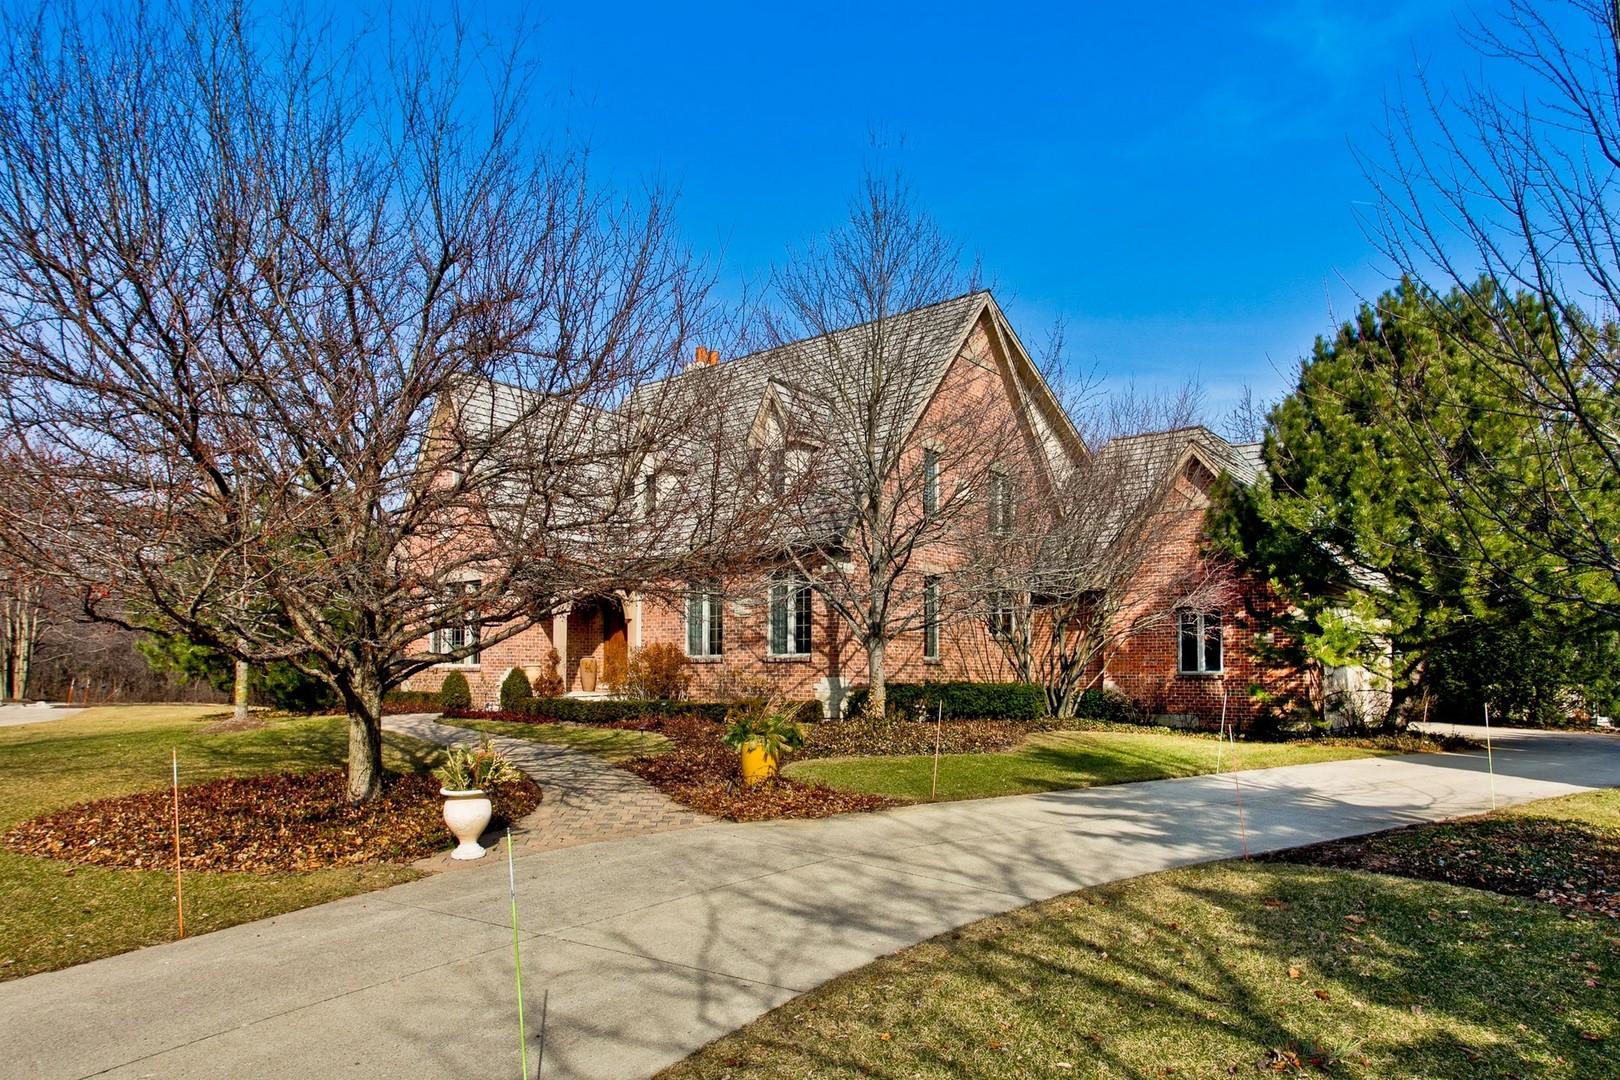 14572 North Somerset Circle, Libertyville, Illinois 60048